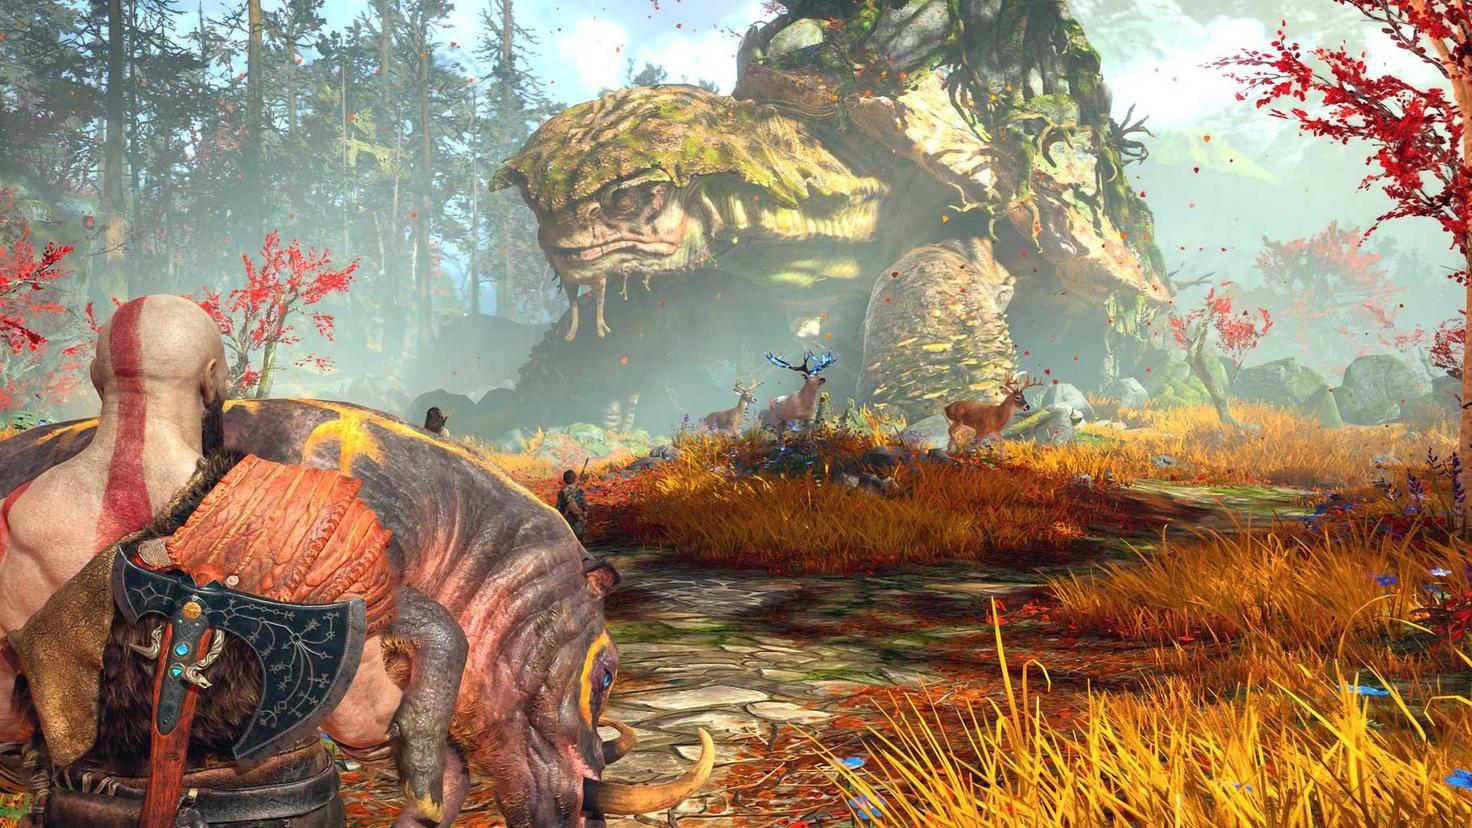 god-of-war-screenshot-kratos-tiere